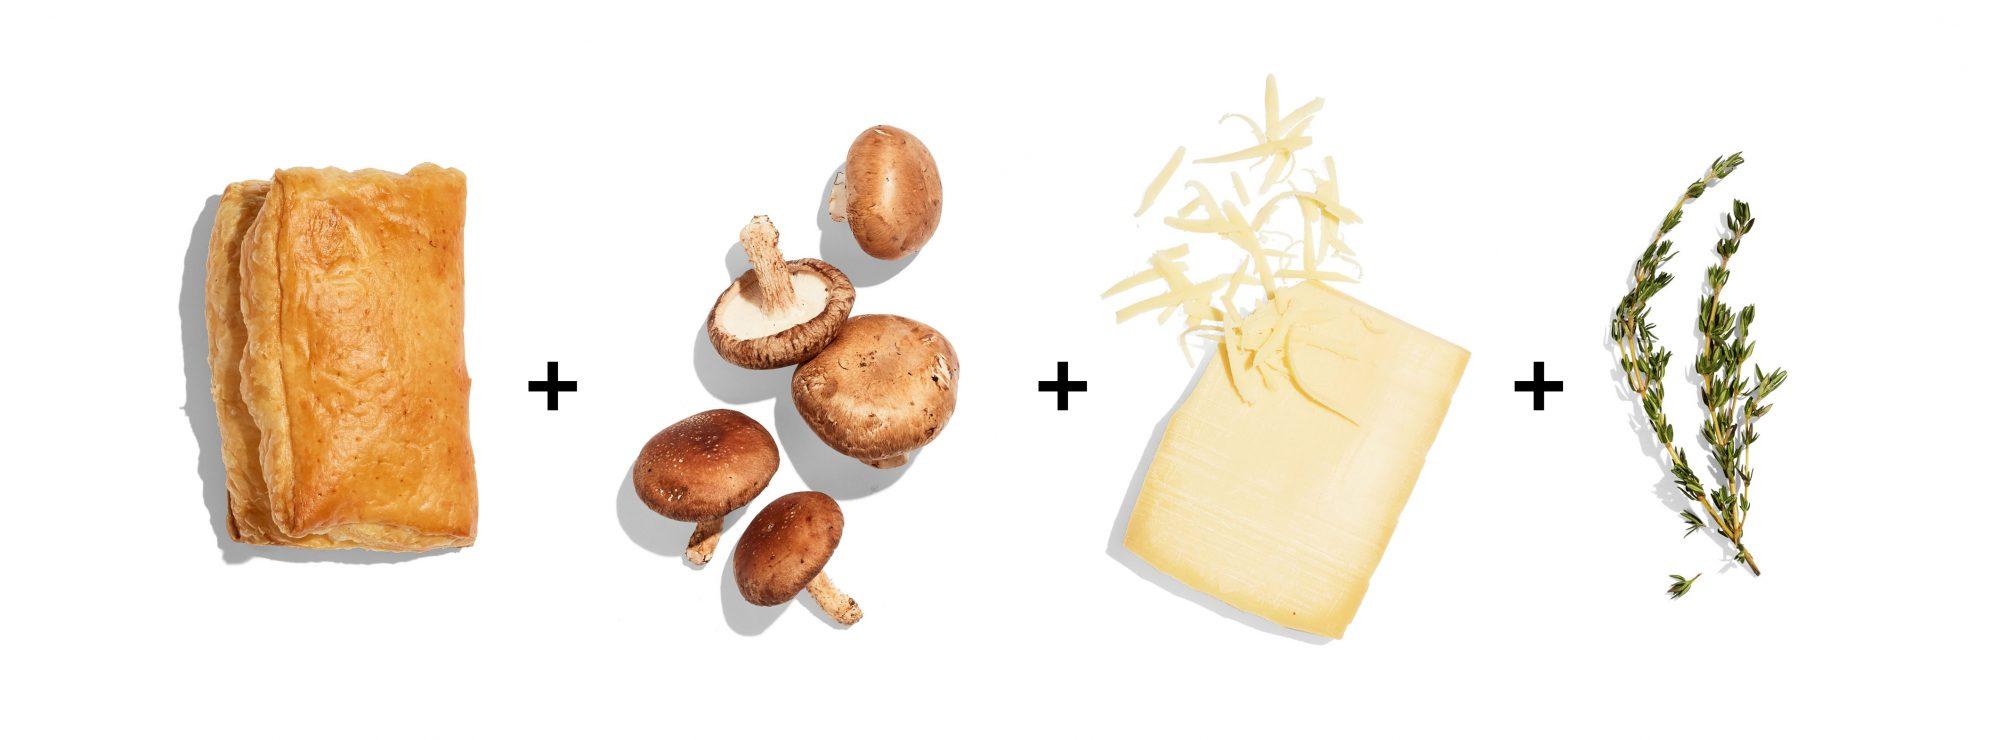 broiled veggie flatbread ingredients formula